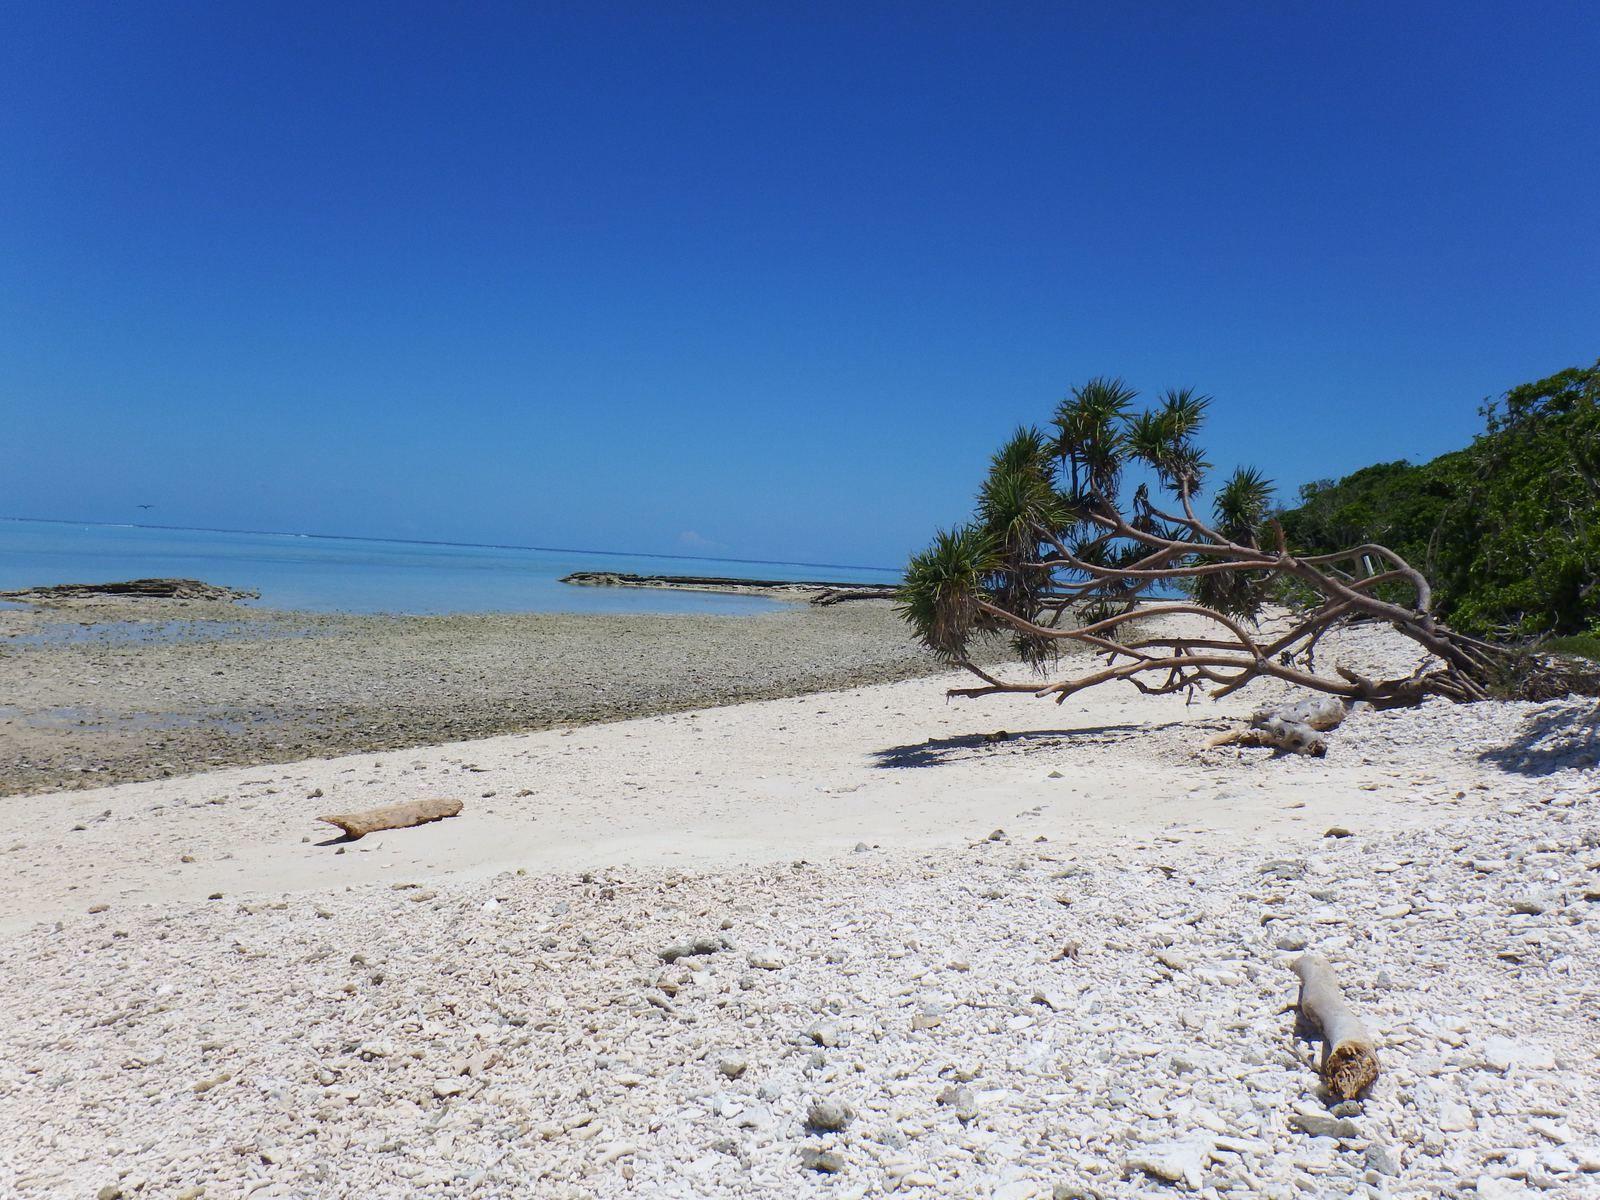 Lady Musgrave Island et ses oiseaux (qui font leur nid au sol car il n'y a pas de prédateurs!)